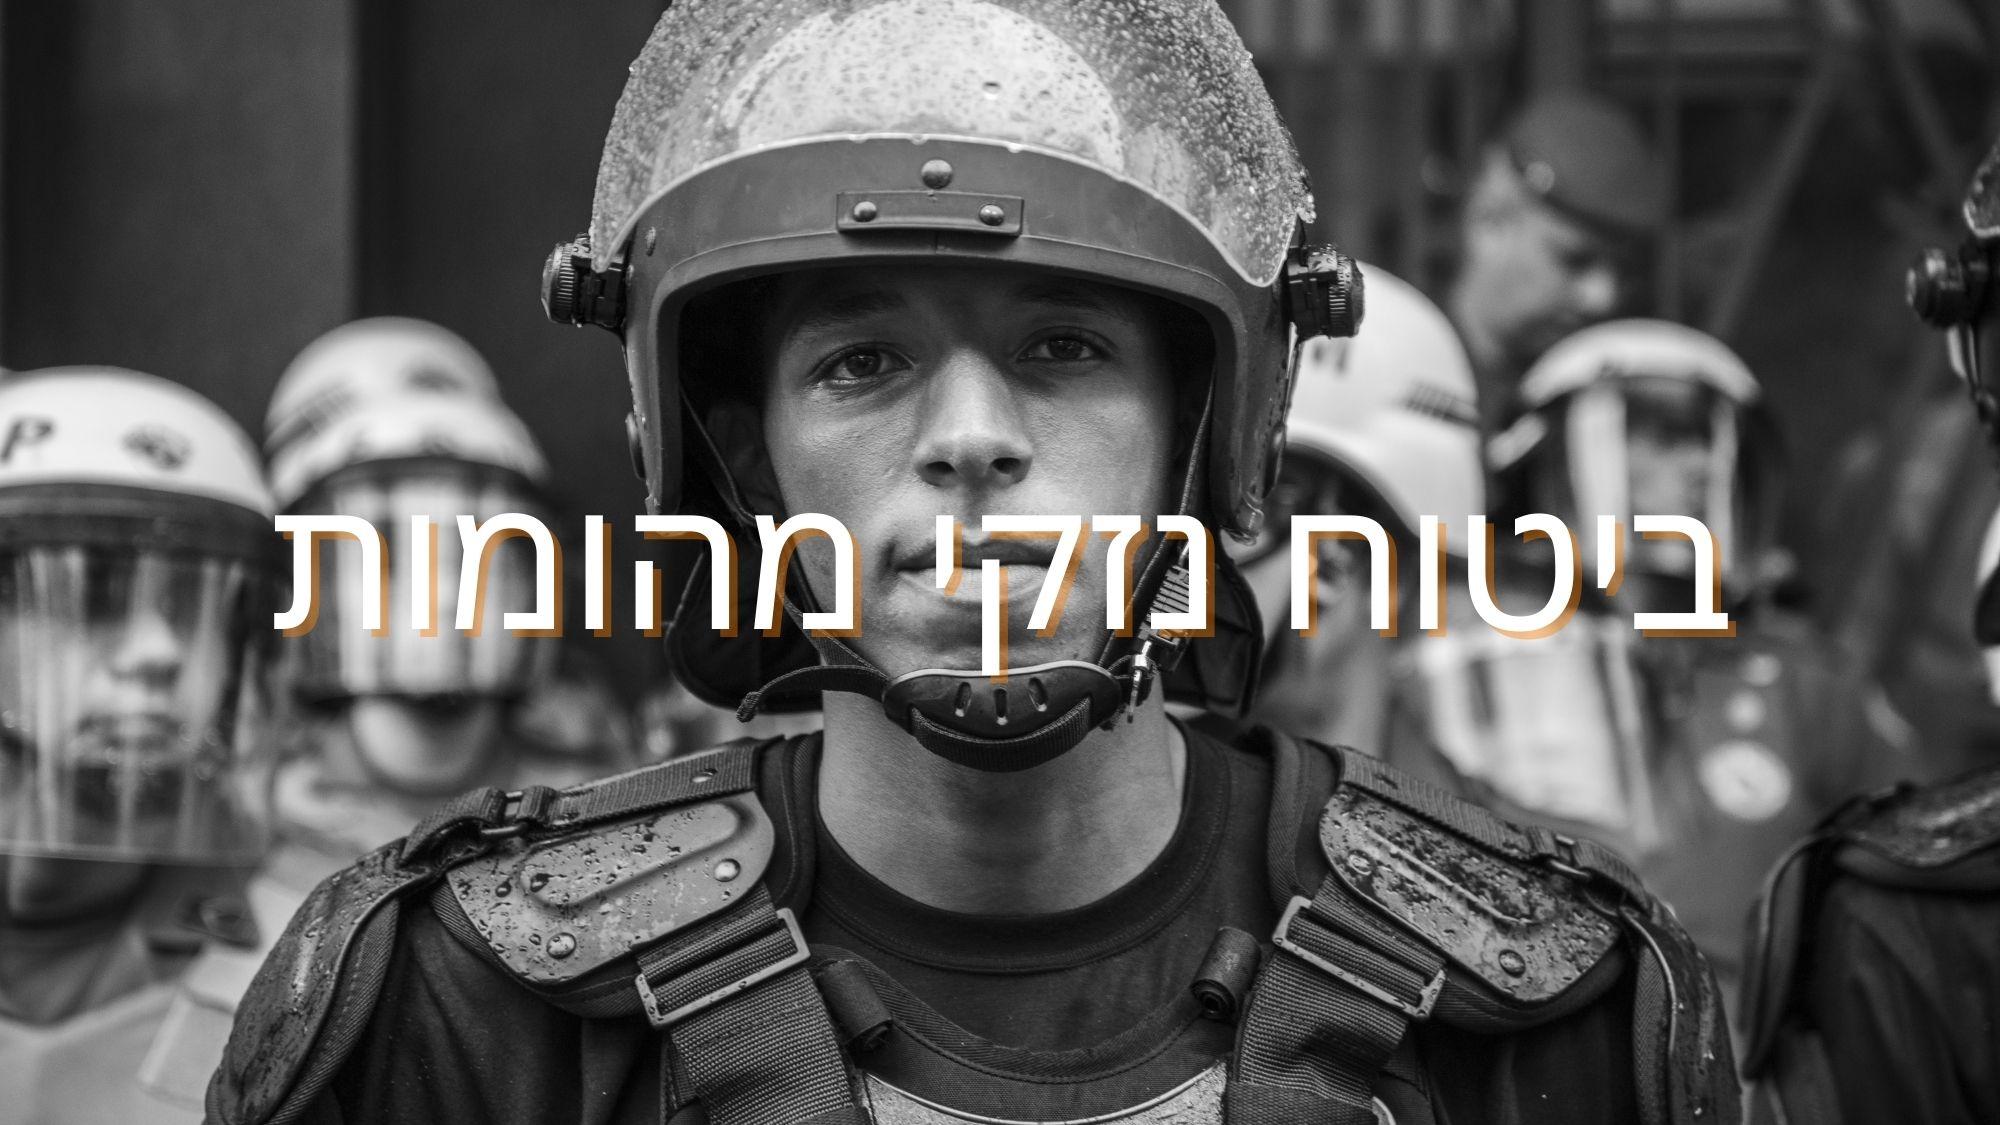 שוטר ברחוב - ביטוח נזקי פרעות, שביתות ומהומות